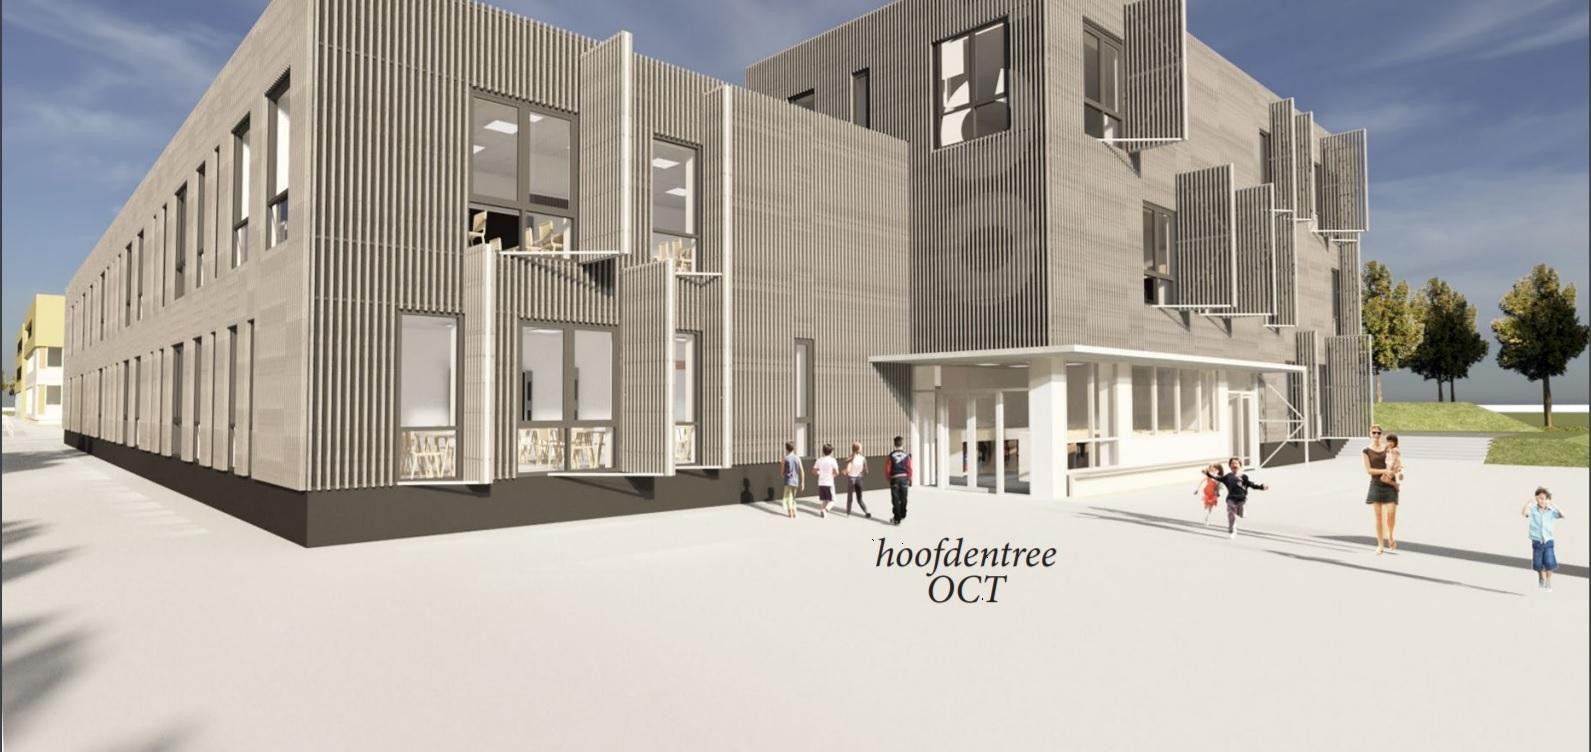 Pleidooi voor spelen op de ijsbaan en sportvelden bij Texels onderwijscentrum; 'Gebruik nou de fantastische groene buitenruimte die er is'